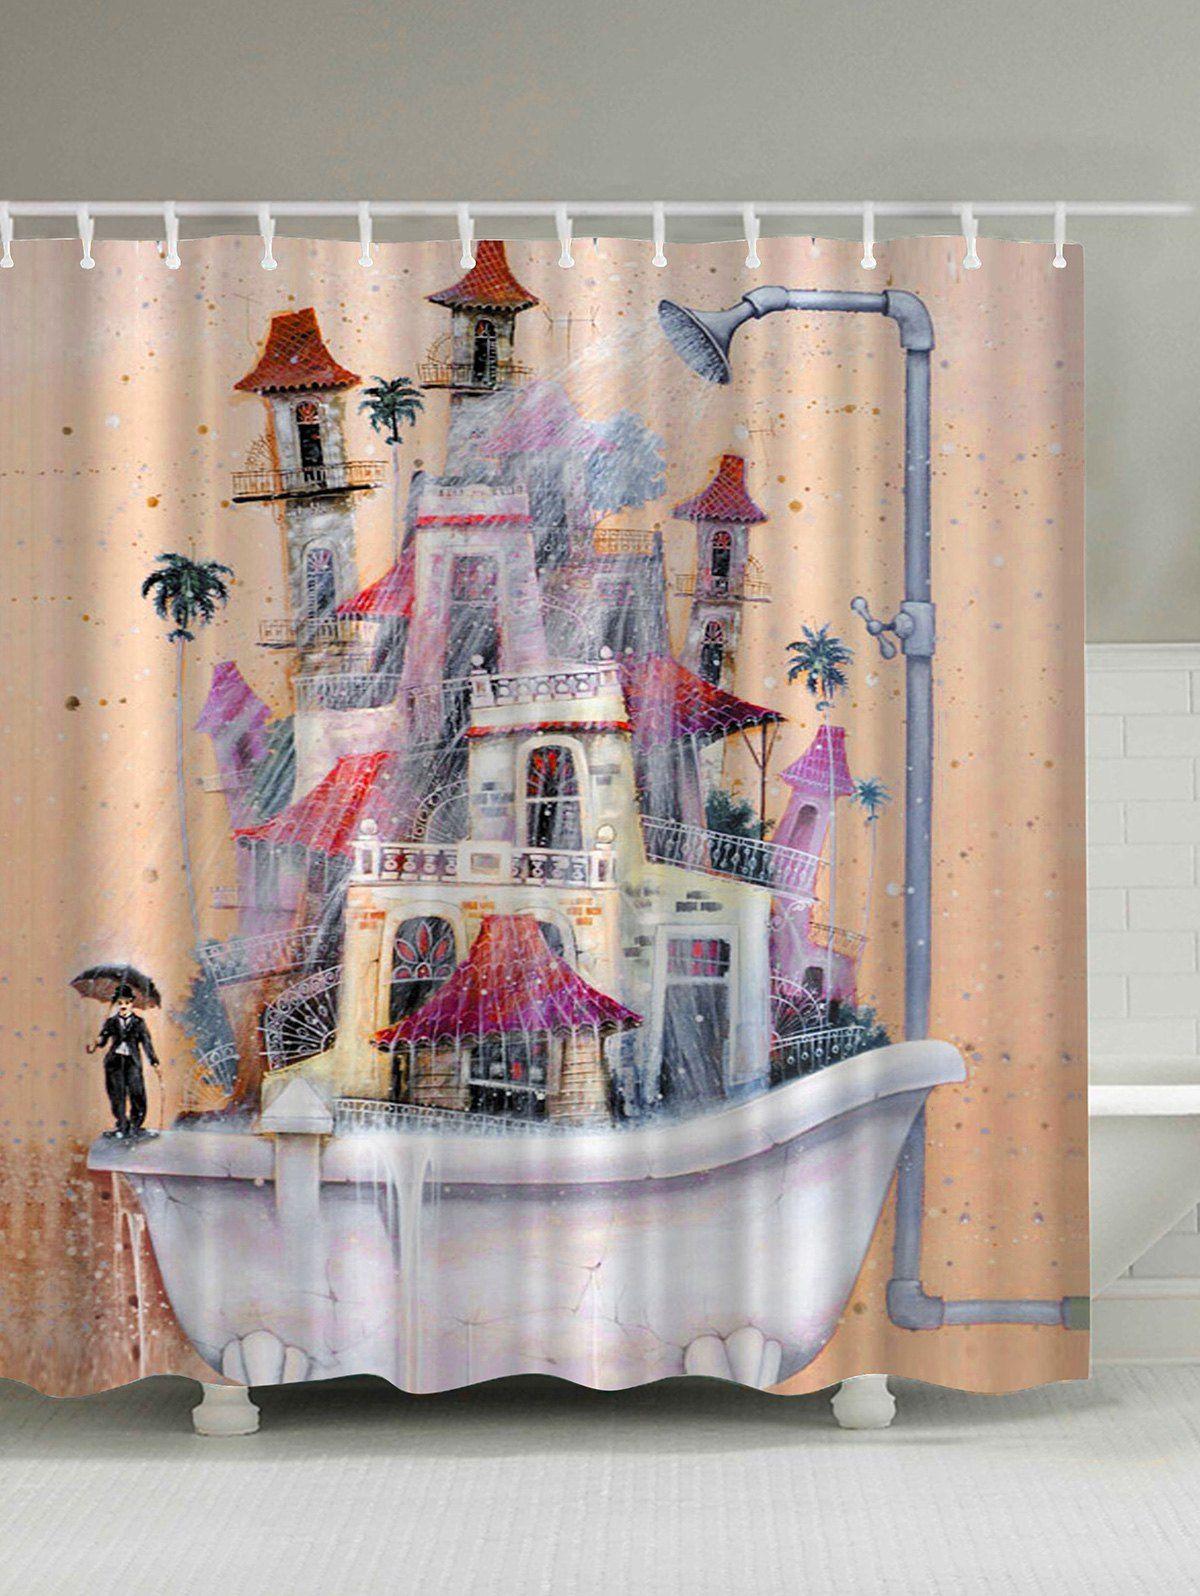 Waterproof dramatic house bathtub shower curtain bathtubs bathtub